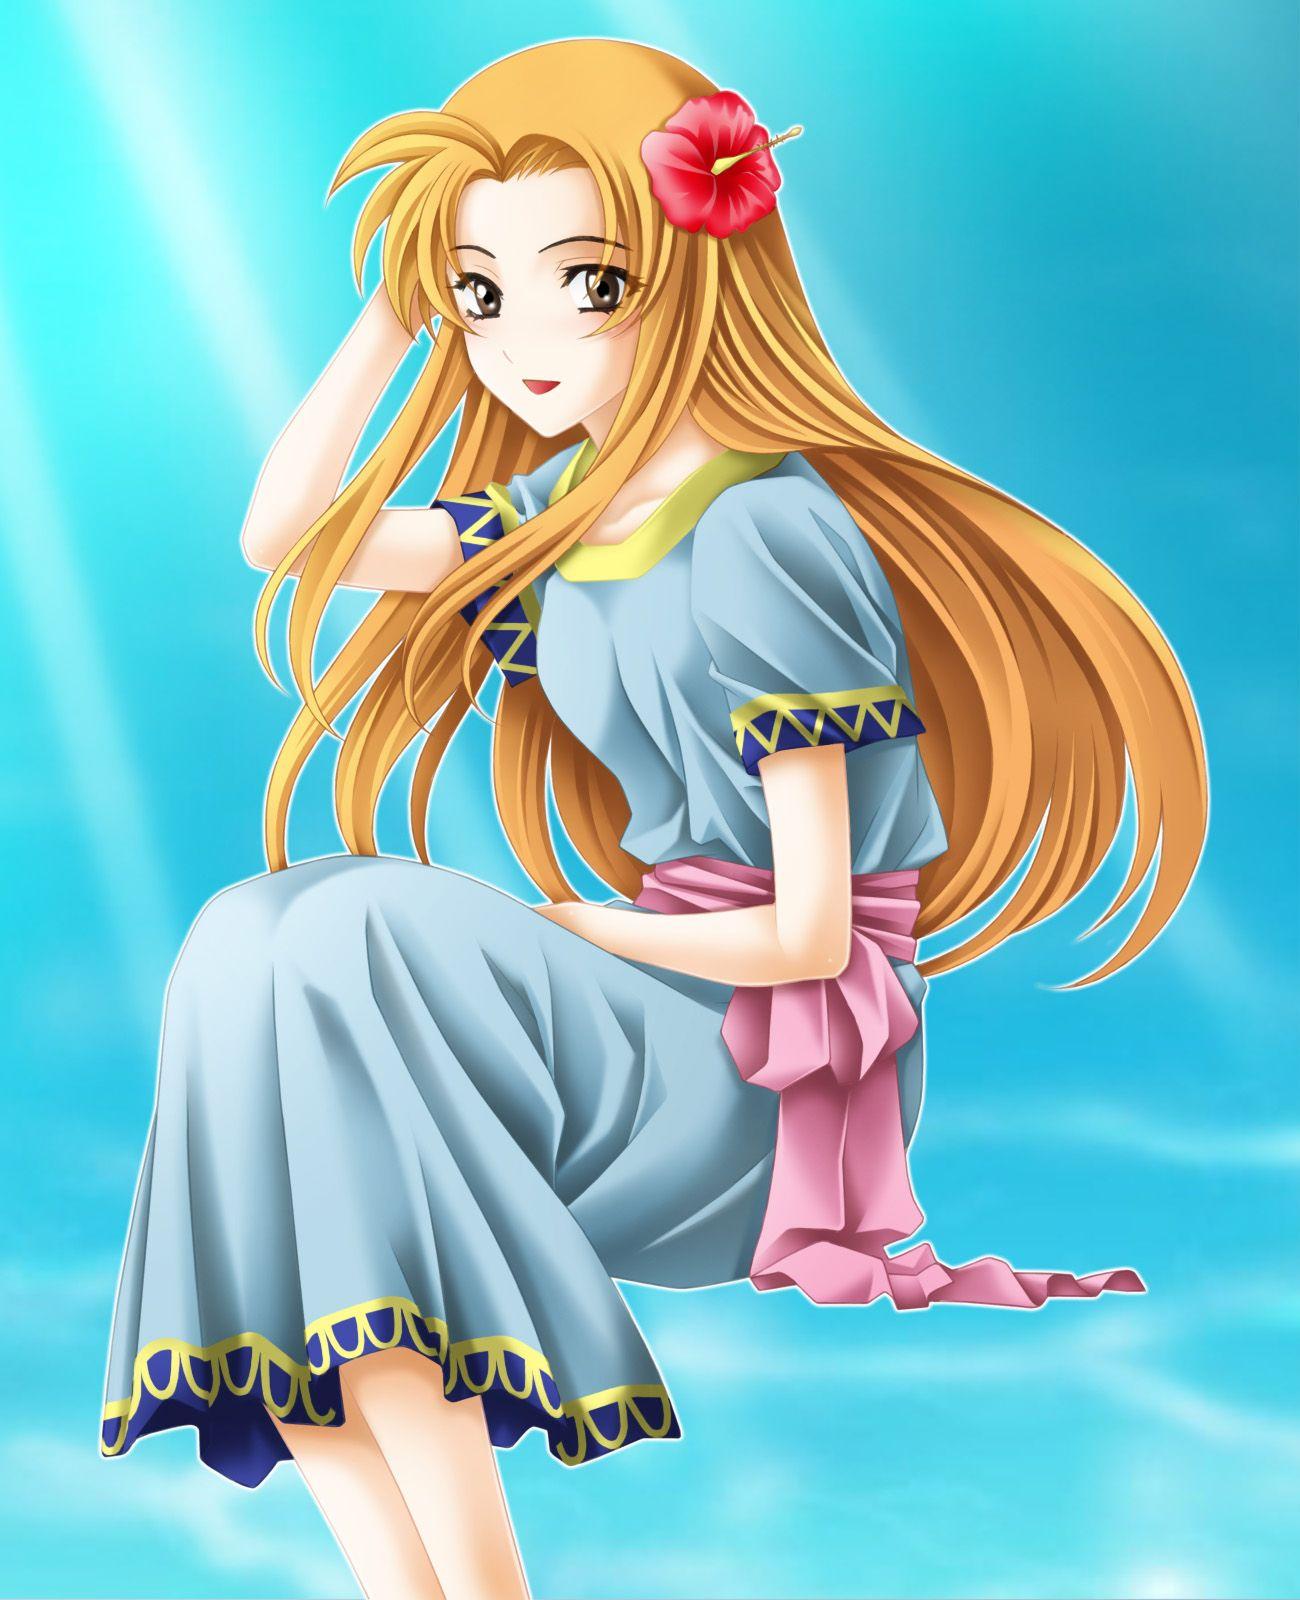 Marin Legend Of Zelda Legend Of Zelda Twilight Princess